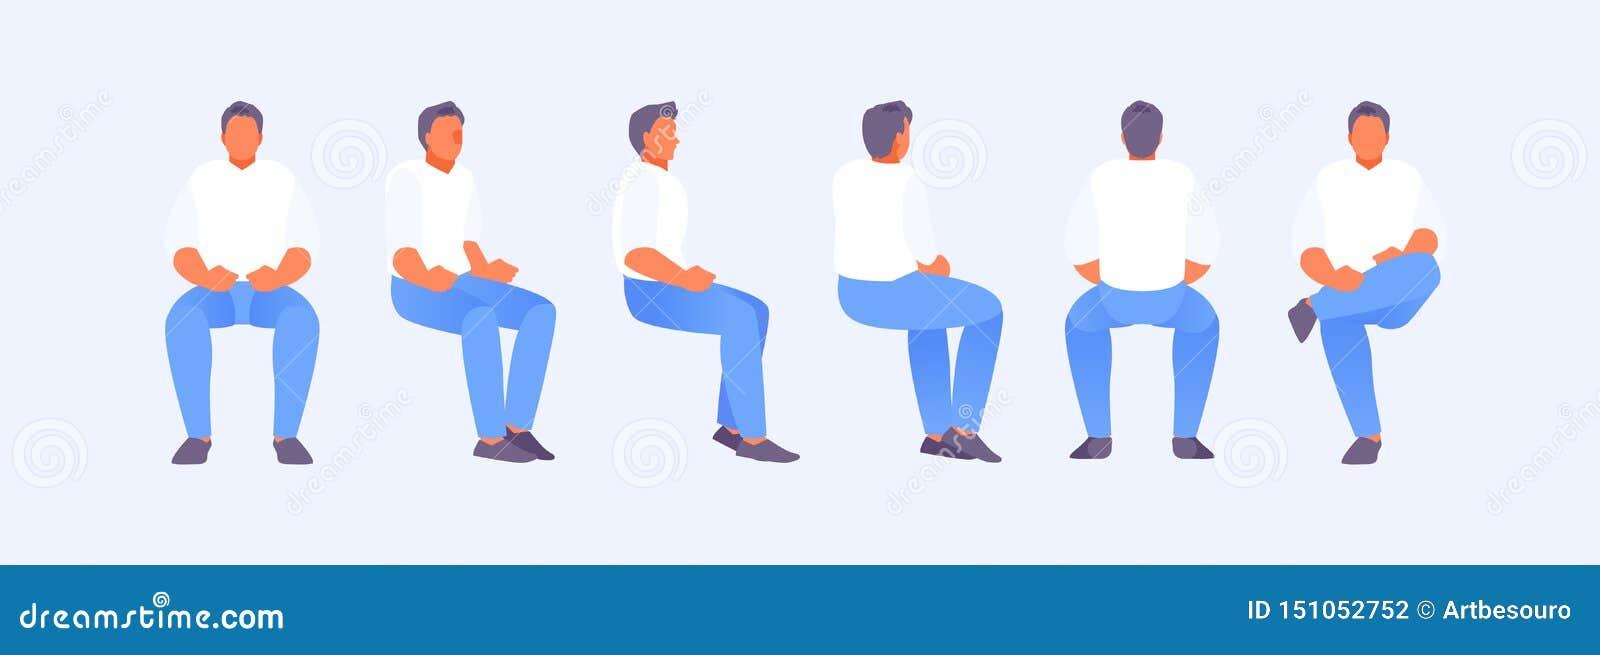 Sittande man från olika sidor